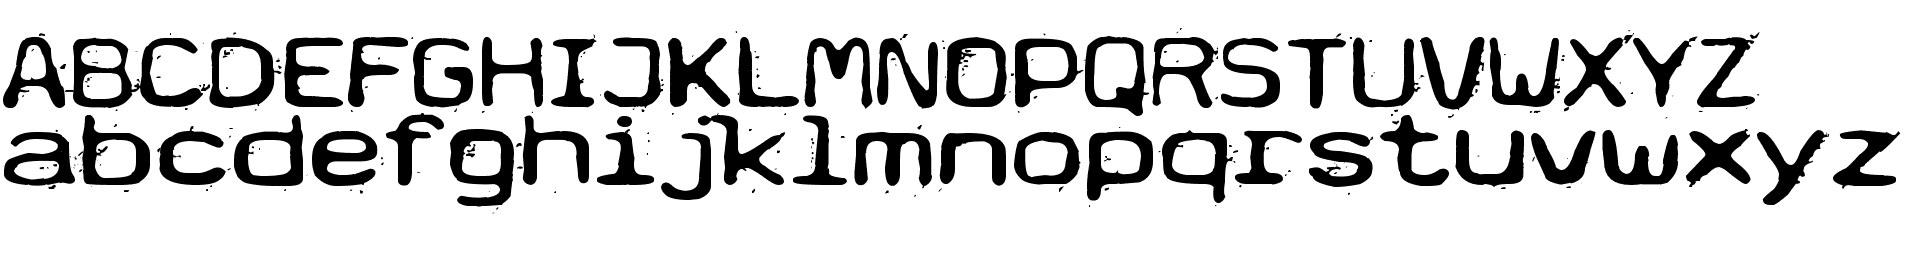 Typetype